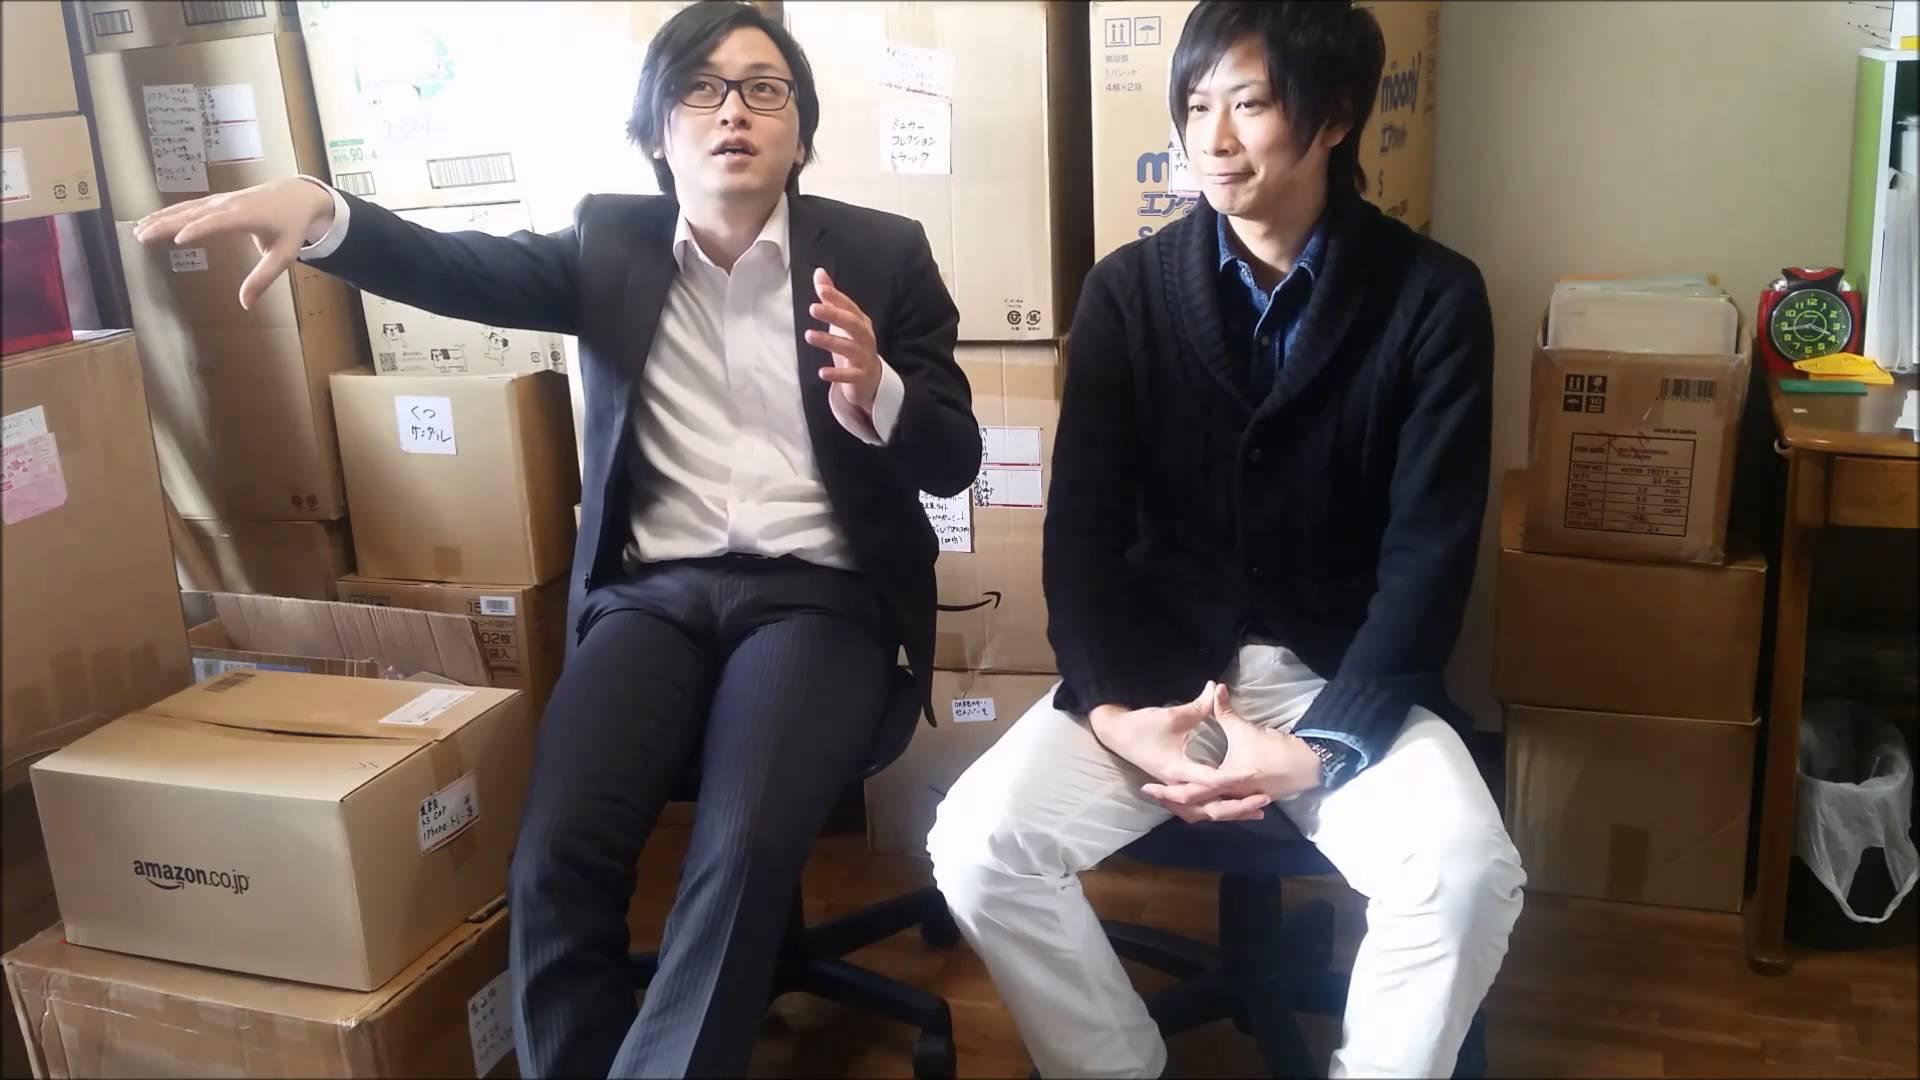 【日刊スモビジ】スモビジというサイトを作った理由